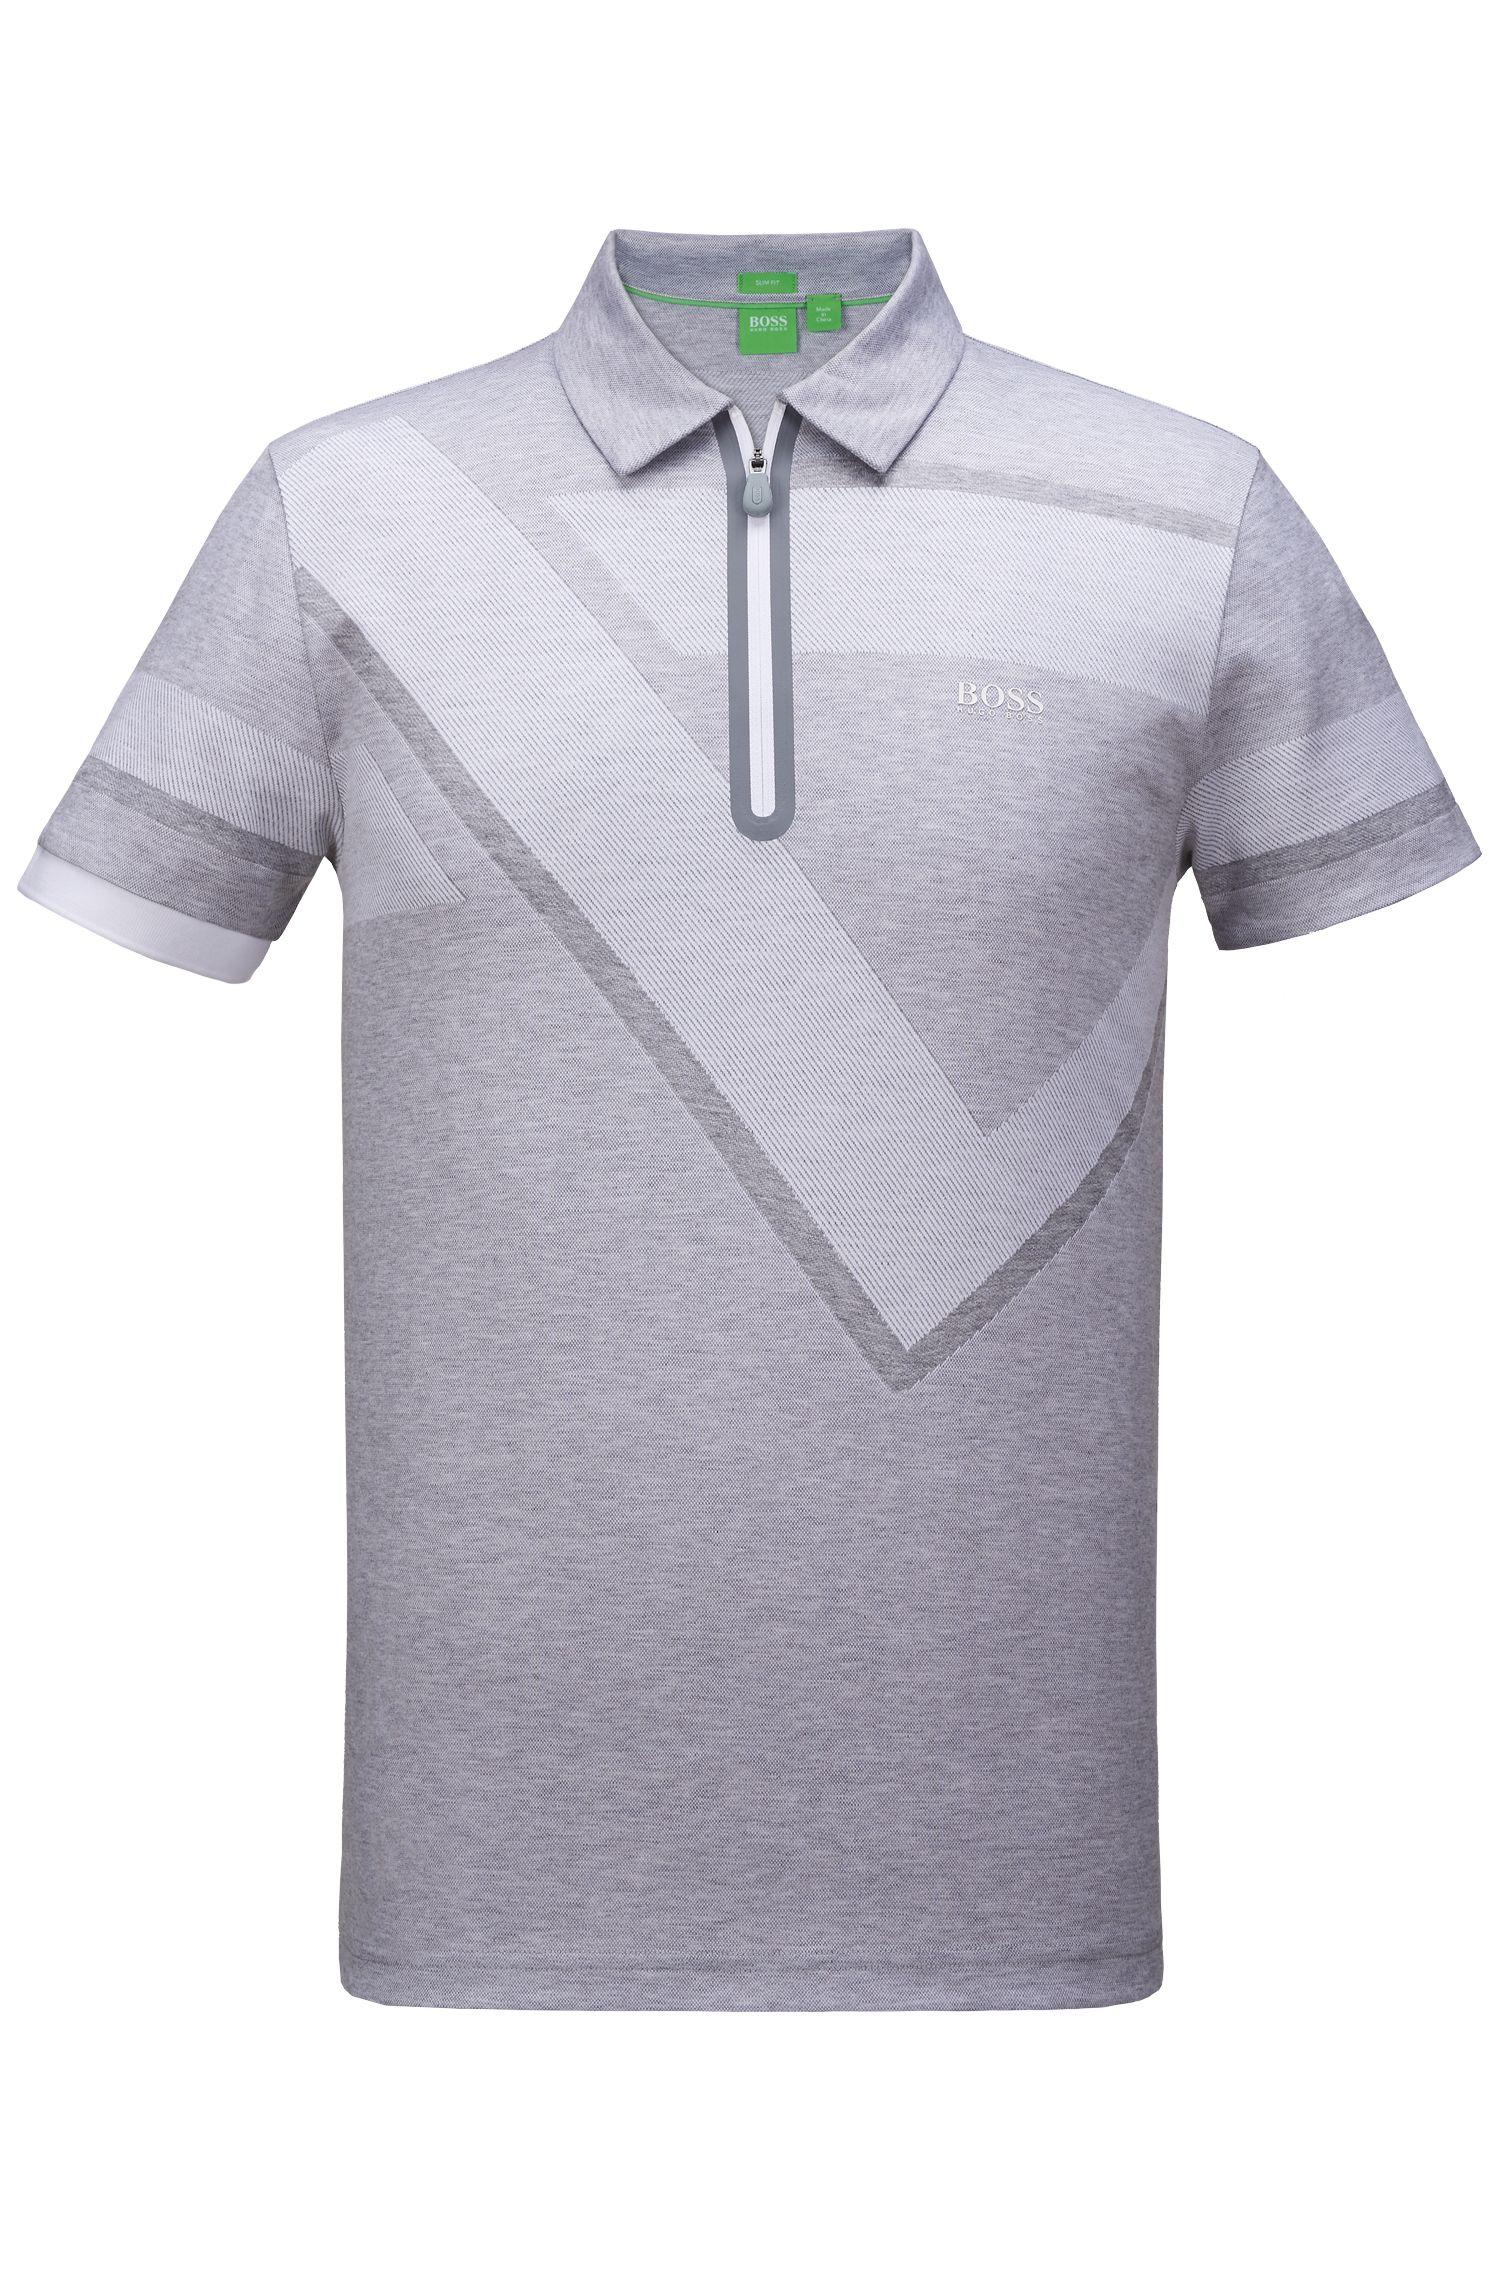 Geo-Print Cotton Polo Shirt, Slim Fit | Pariq, White